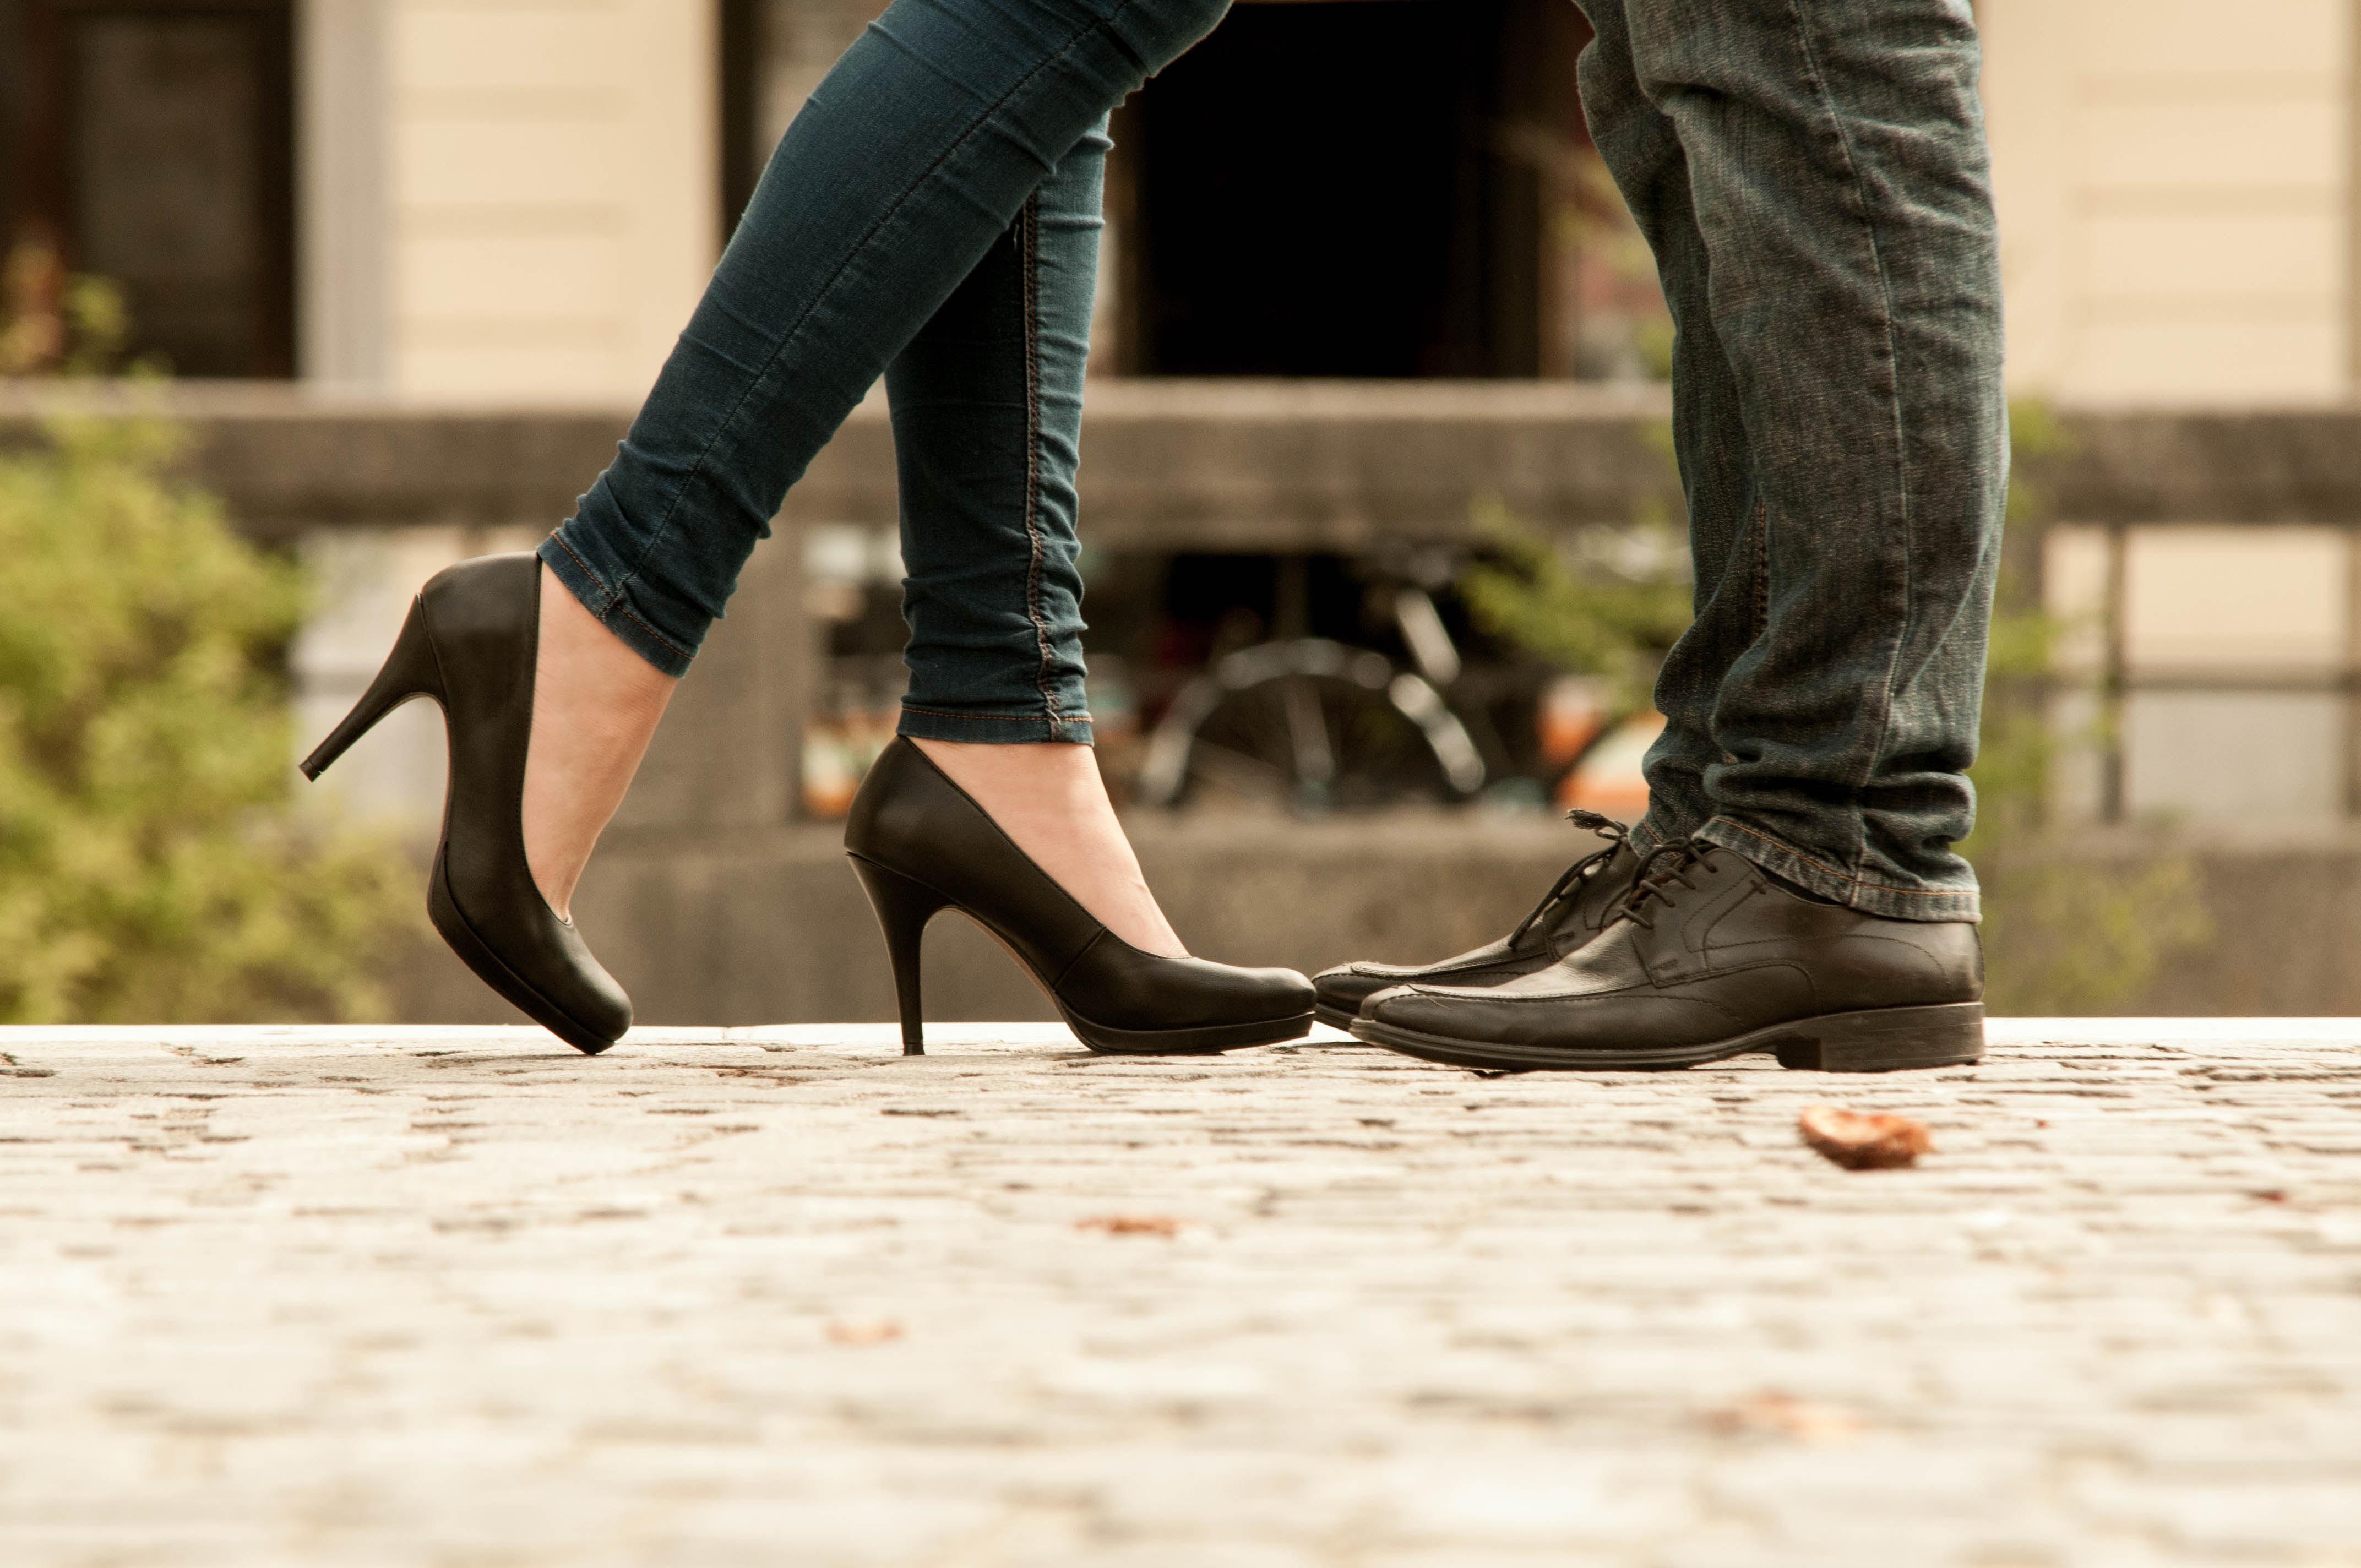 好きな人に会いたい時の対処法♥男性が好きな人に会いたいと思う瞬間は?